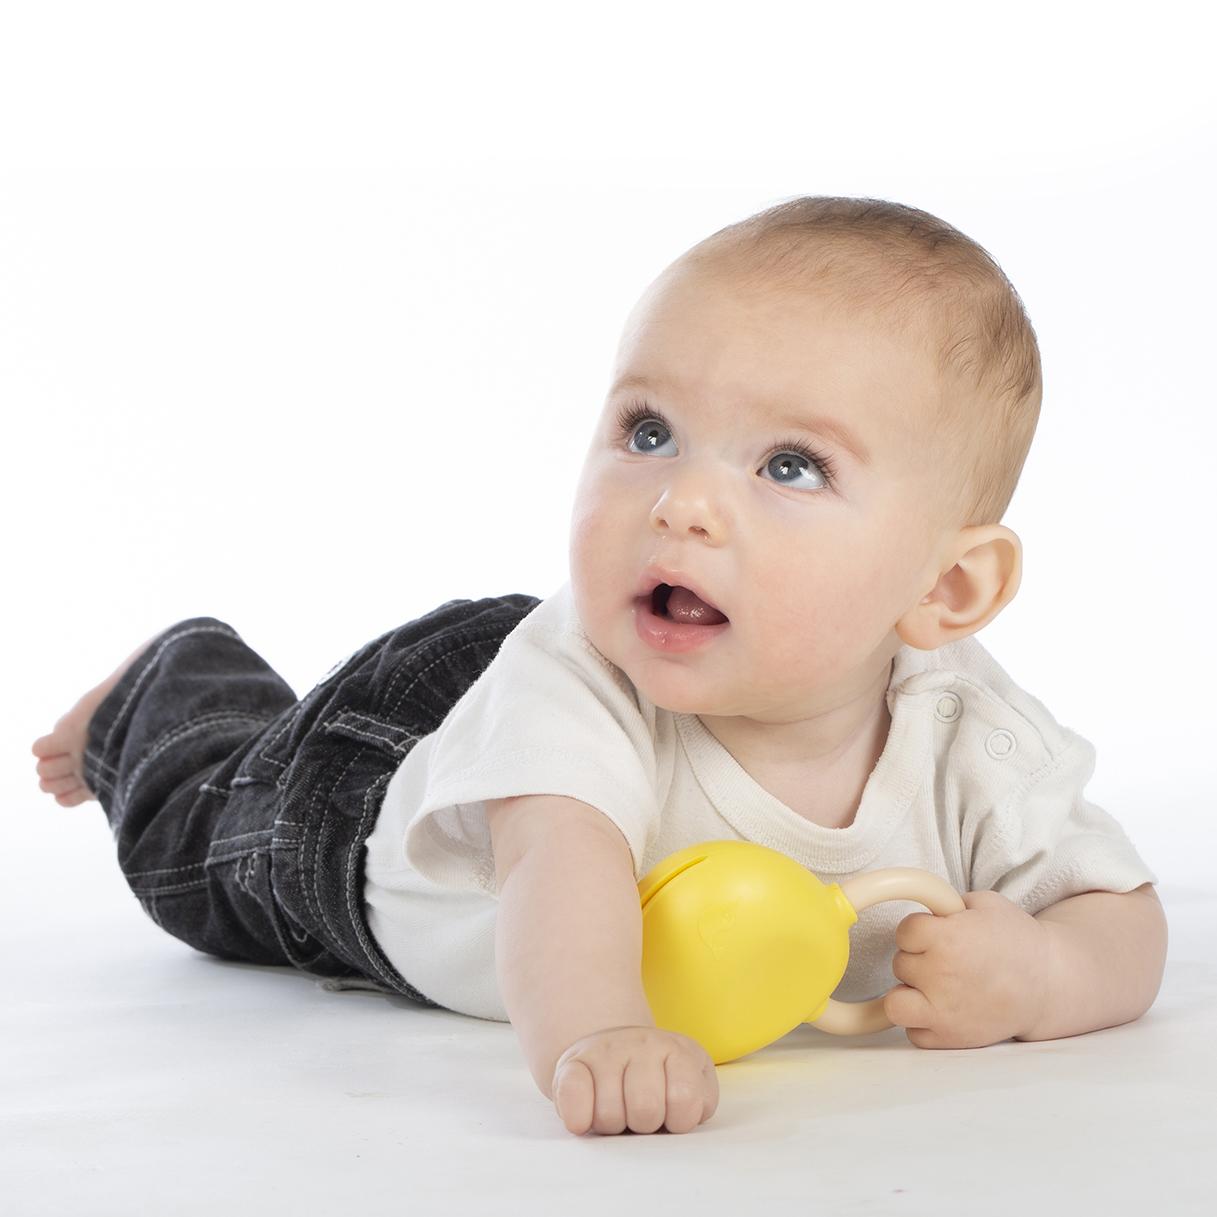 1/22(水)赤ちゃんと楽しむ親子時間「おとあそび」